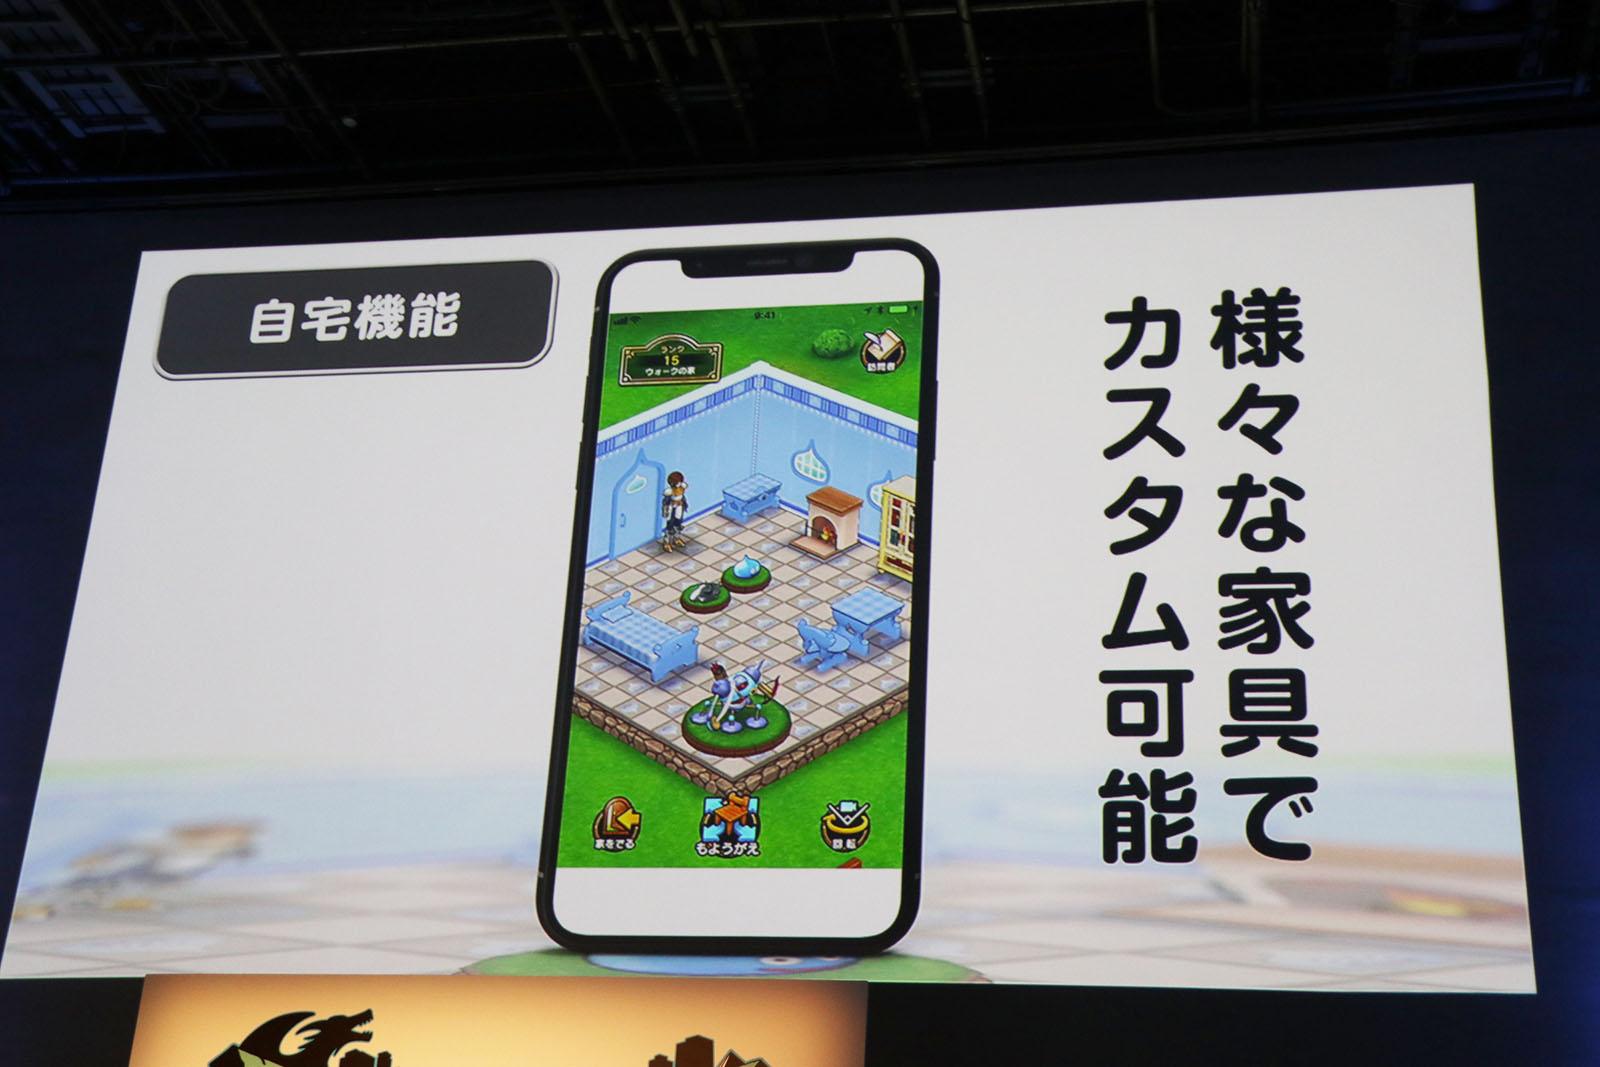 https://www.4gamer.net/games/461/G046174/20190603104/SS/034.jpg